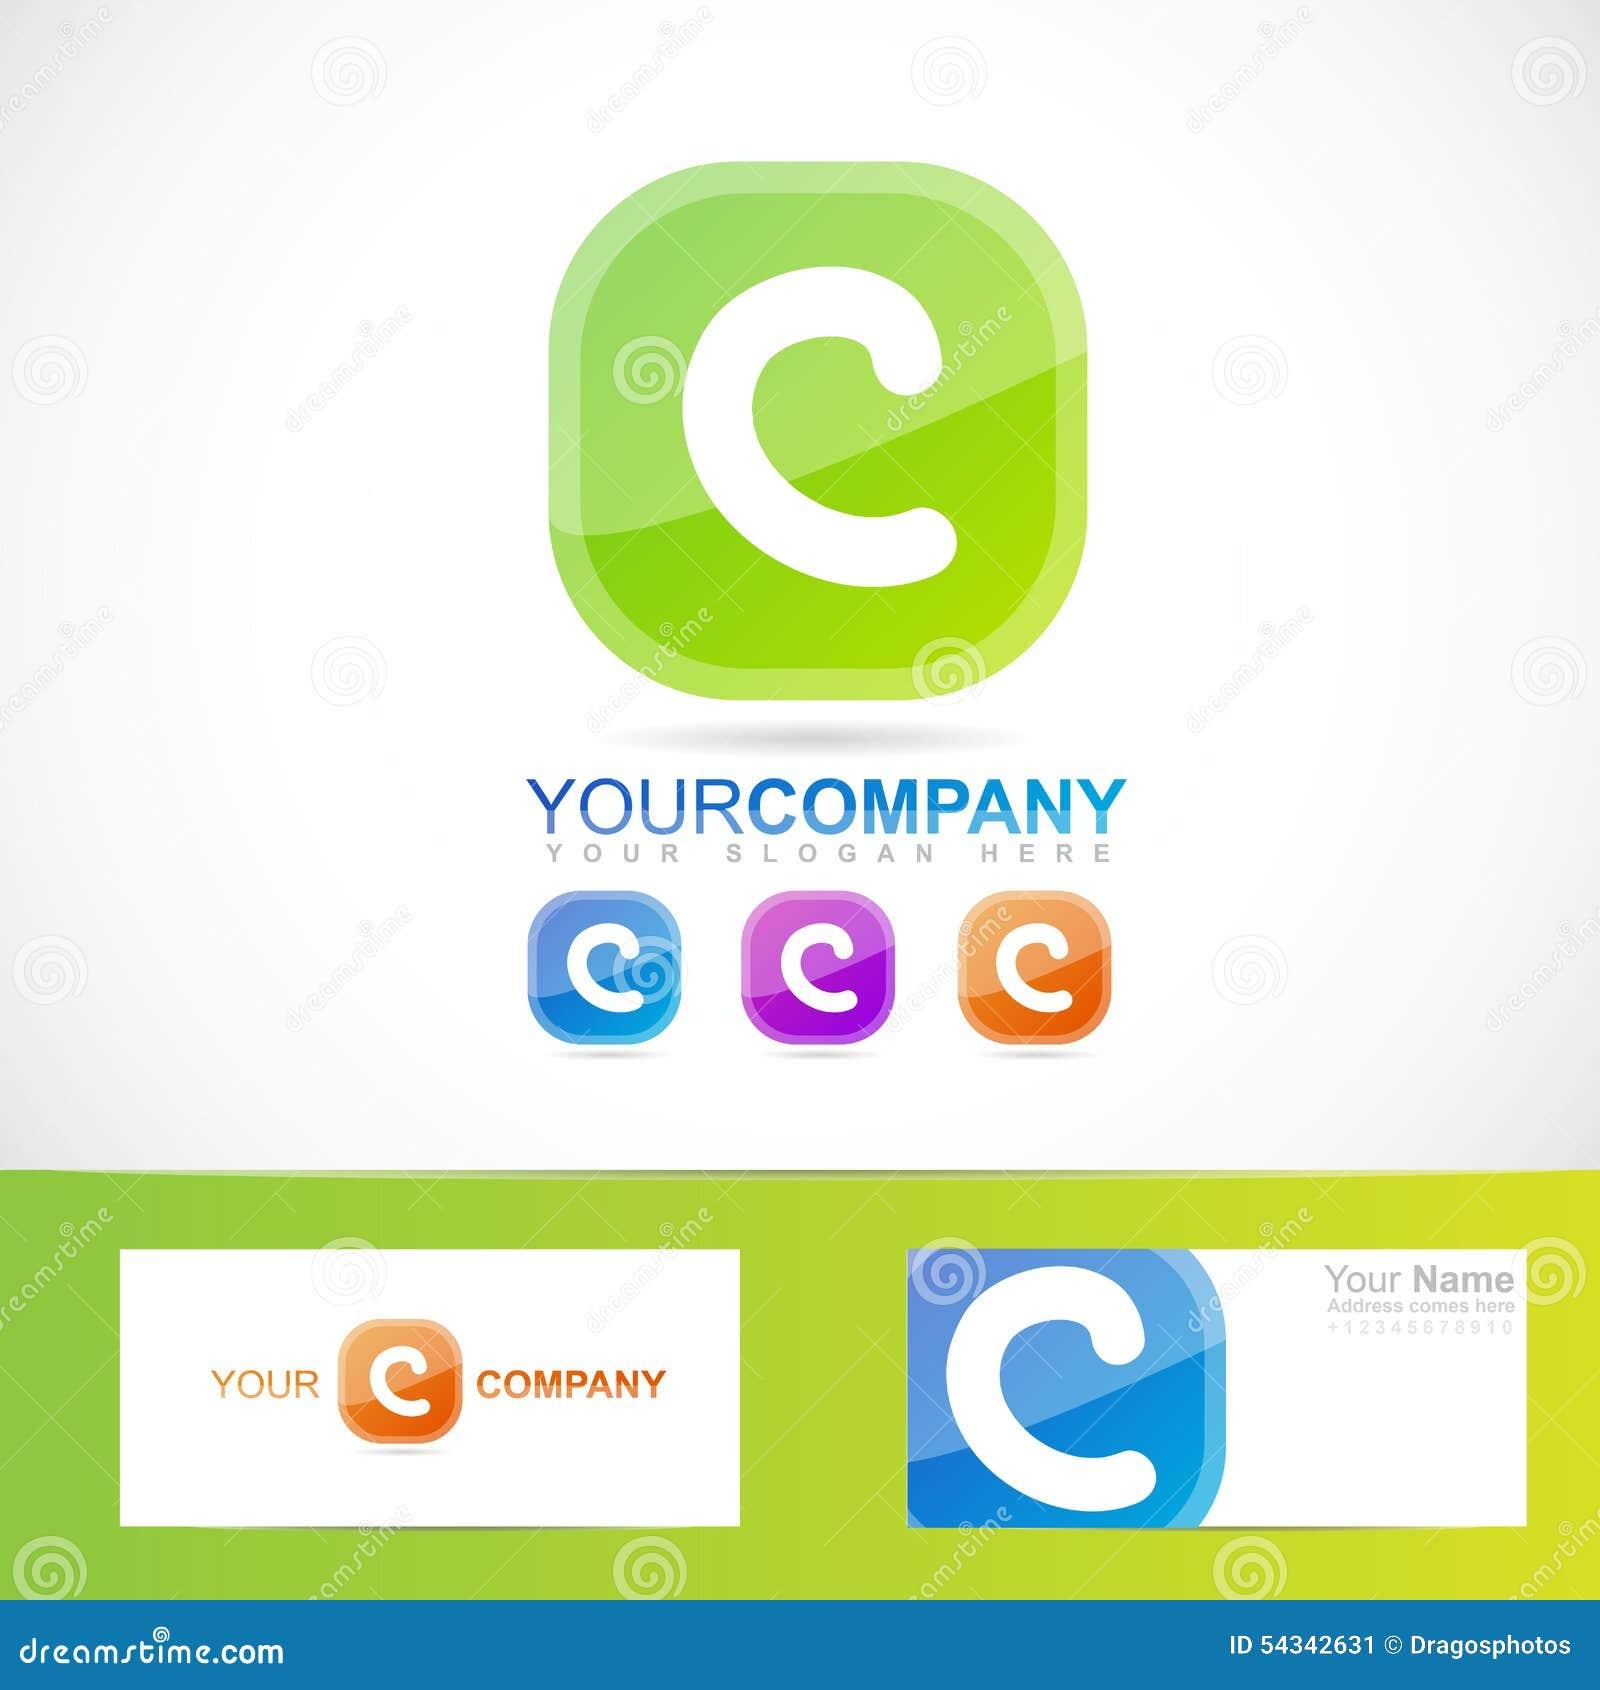 Green Letter C Logo Stock Vector - Image: 54342631